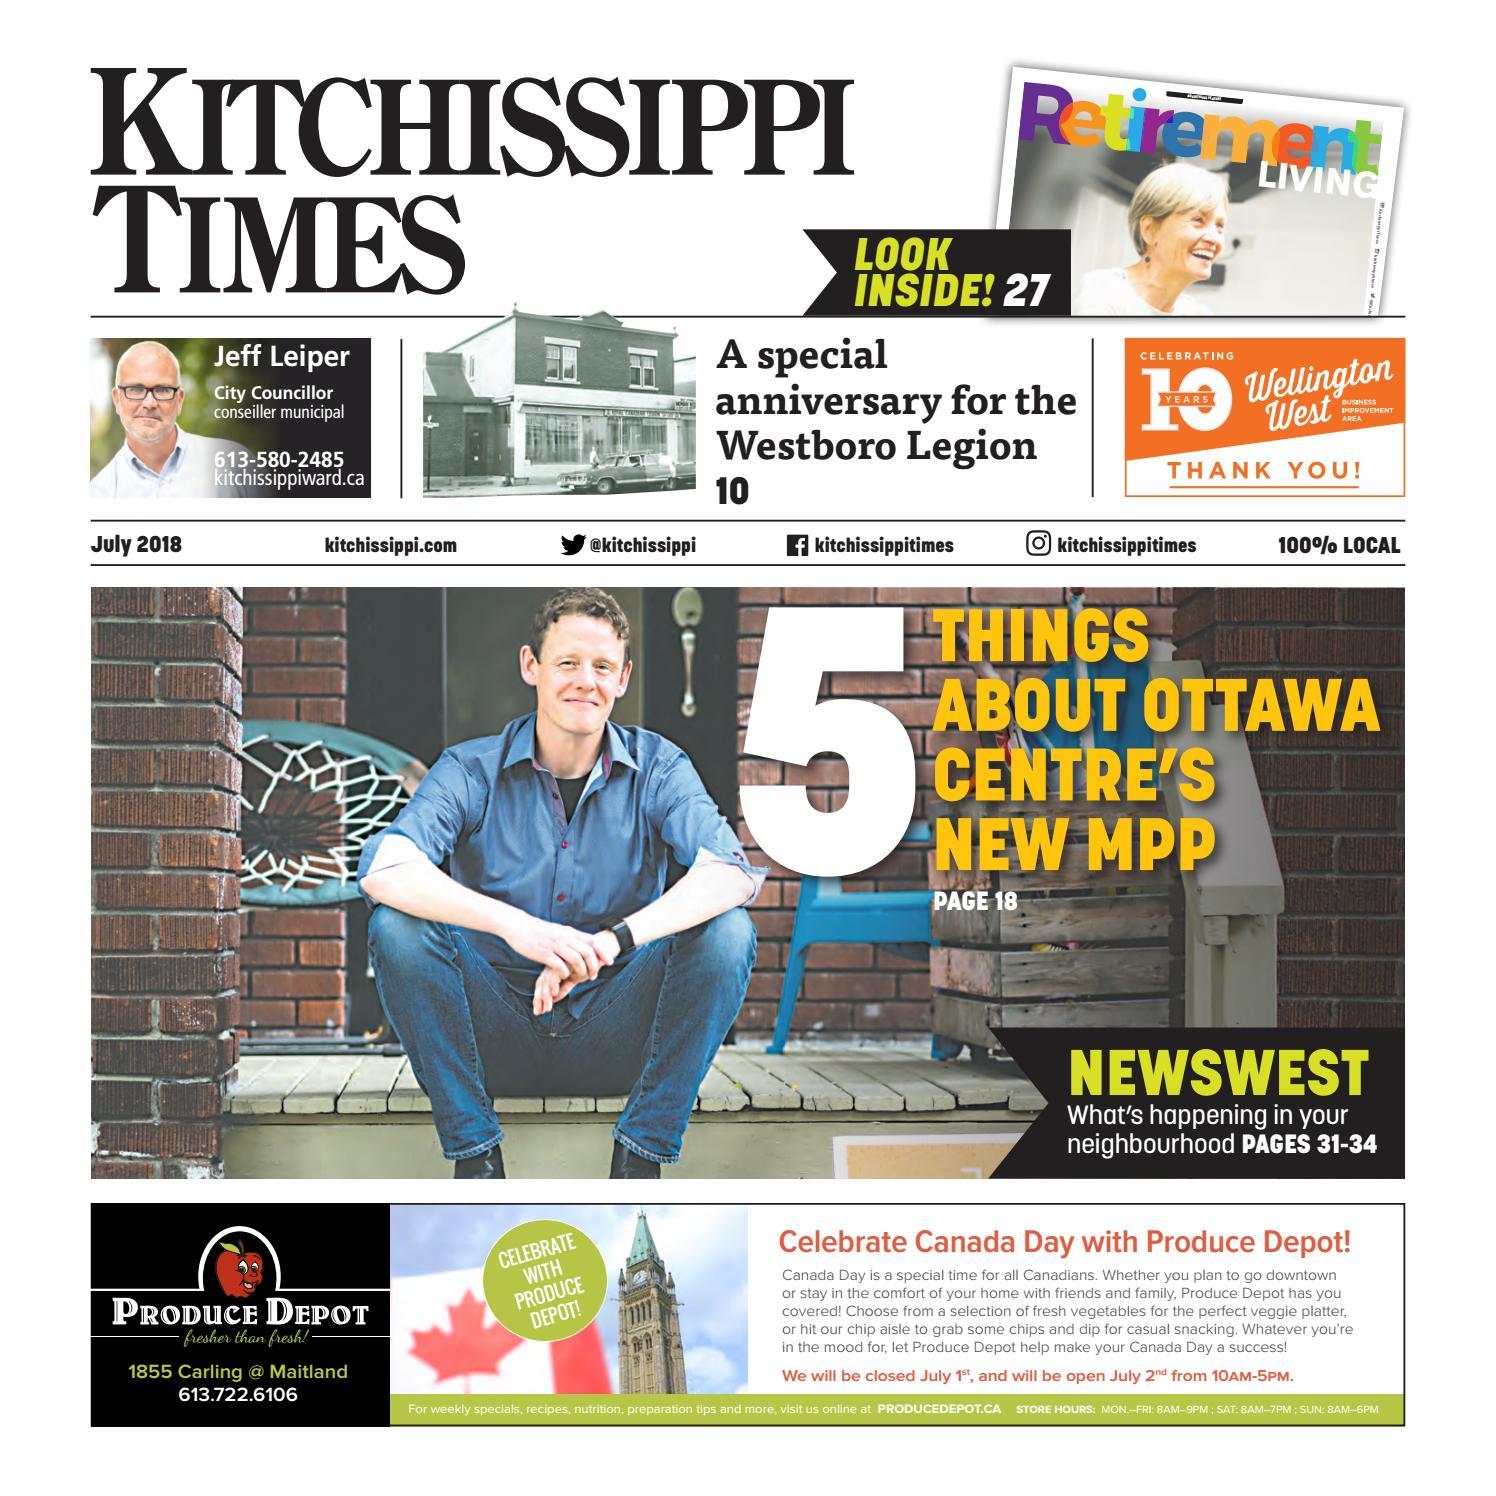 Kitchissippi Times